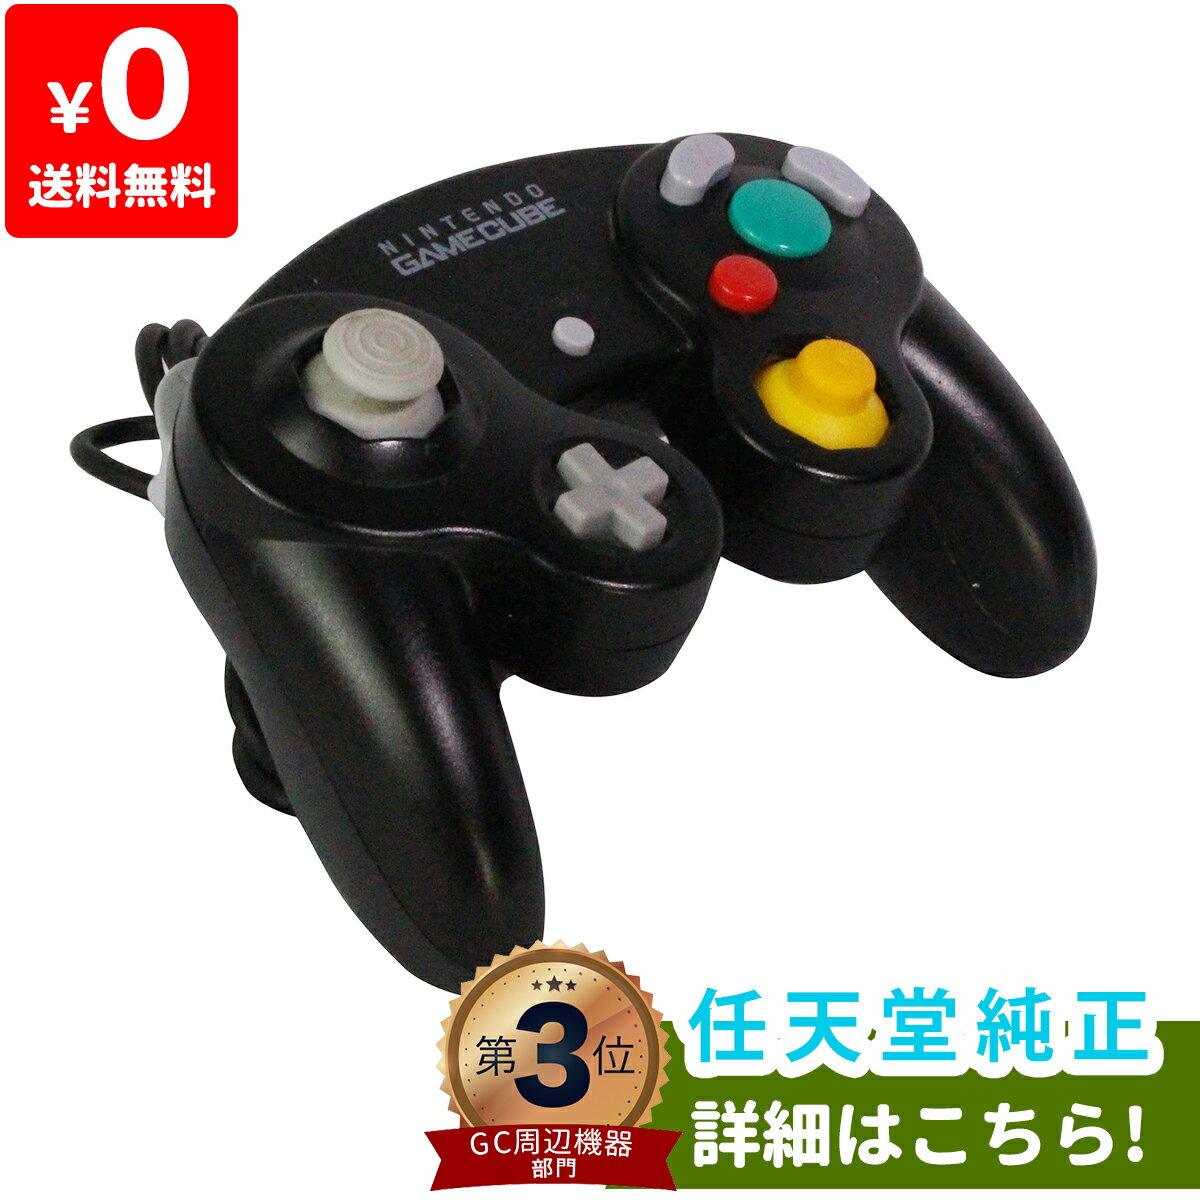 ゲームキューブ GC GAMECUBE コントローラー ブラック GC ニンテンドー 任天堂 Nintendo 中古 4902370505726 送料無料